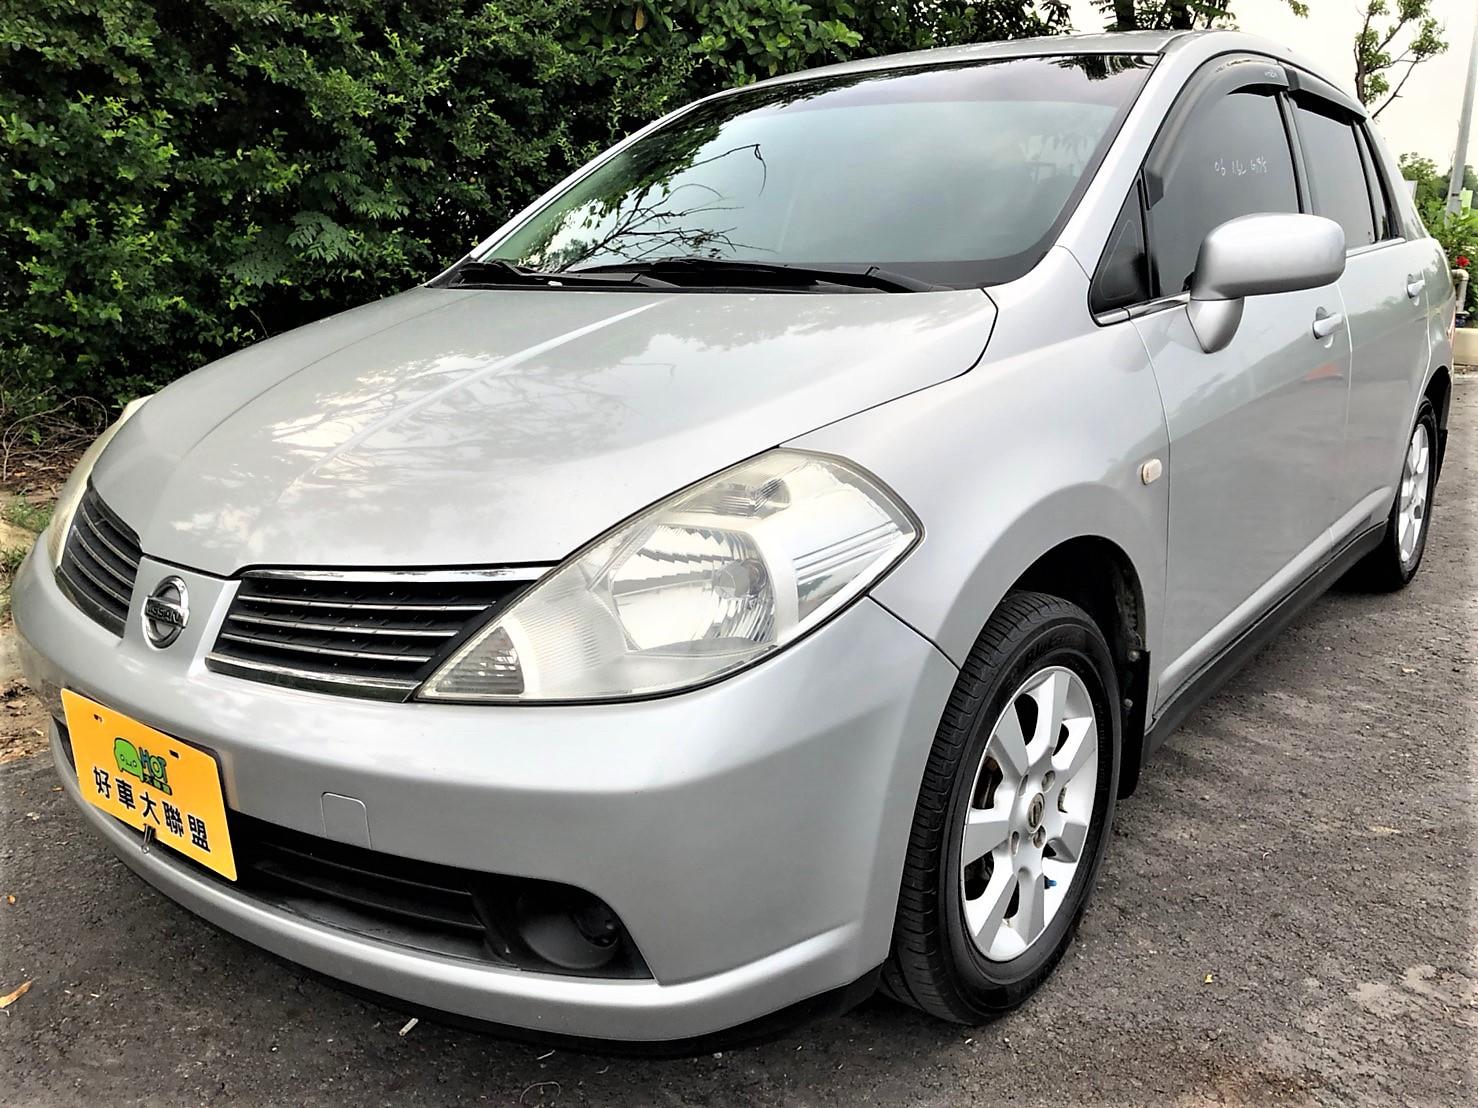 2006 Nissan Tiida